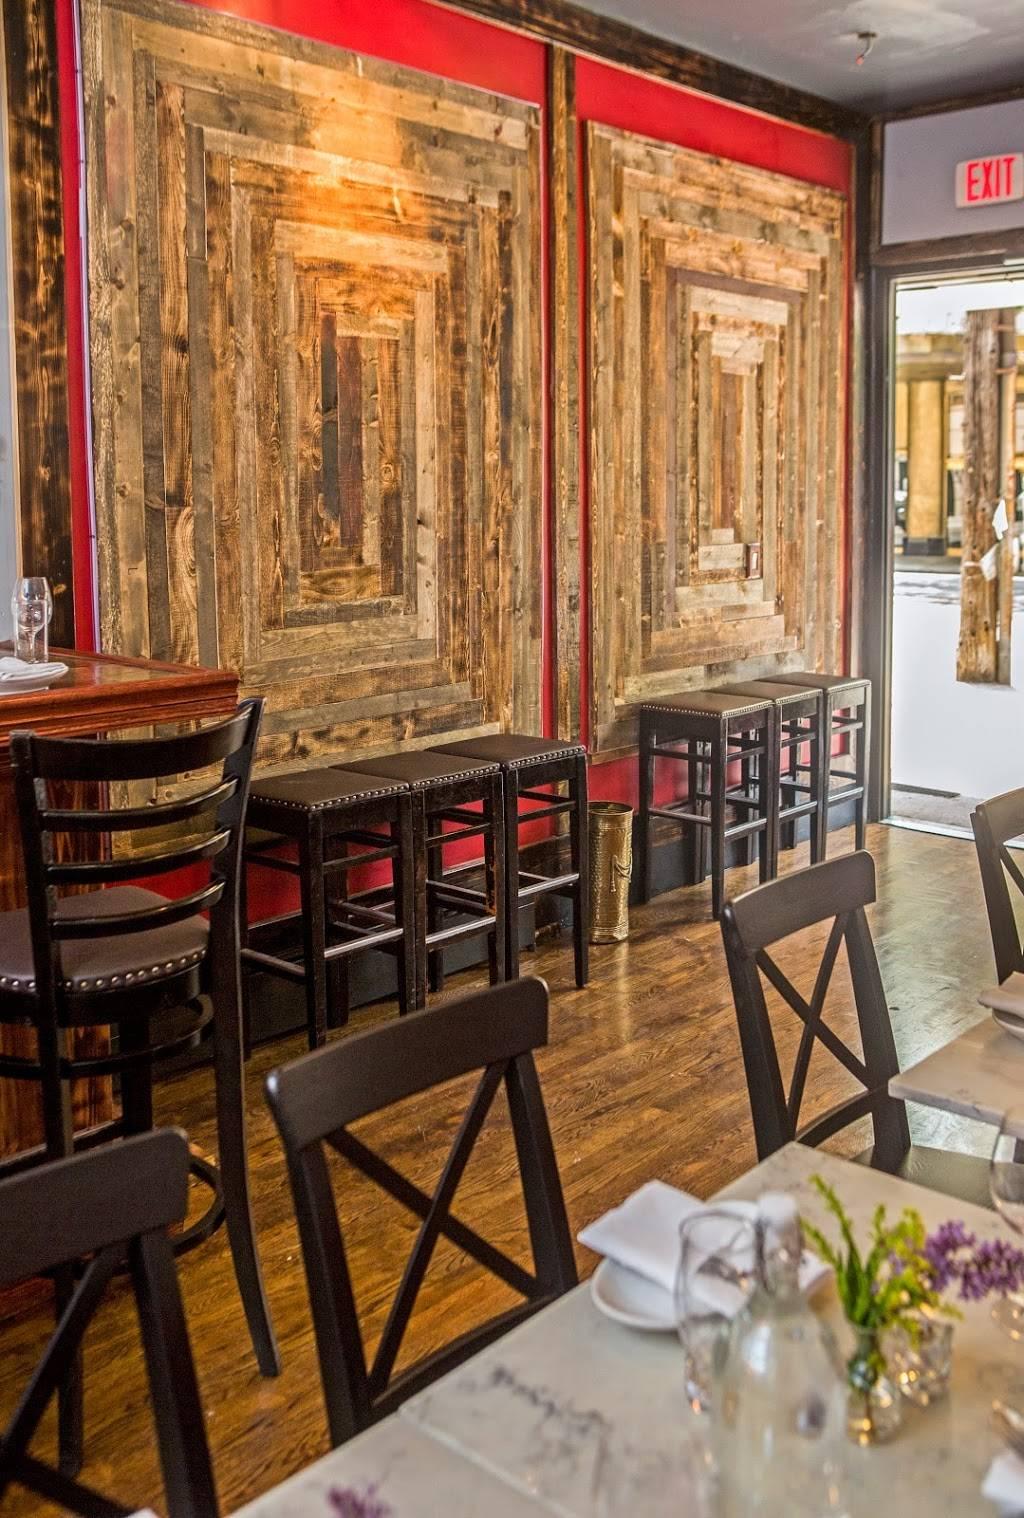 Casa Rubio Café   restaurant   25-17 Astoria Blvd, Astoria, NY 11102, USA   9293280030 OR +1 929-328-0030